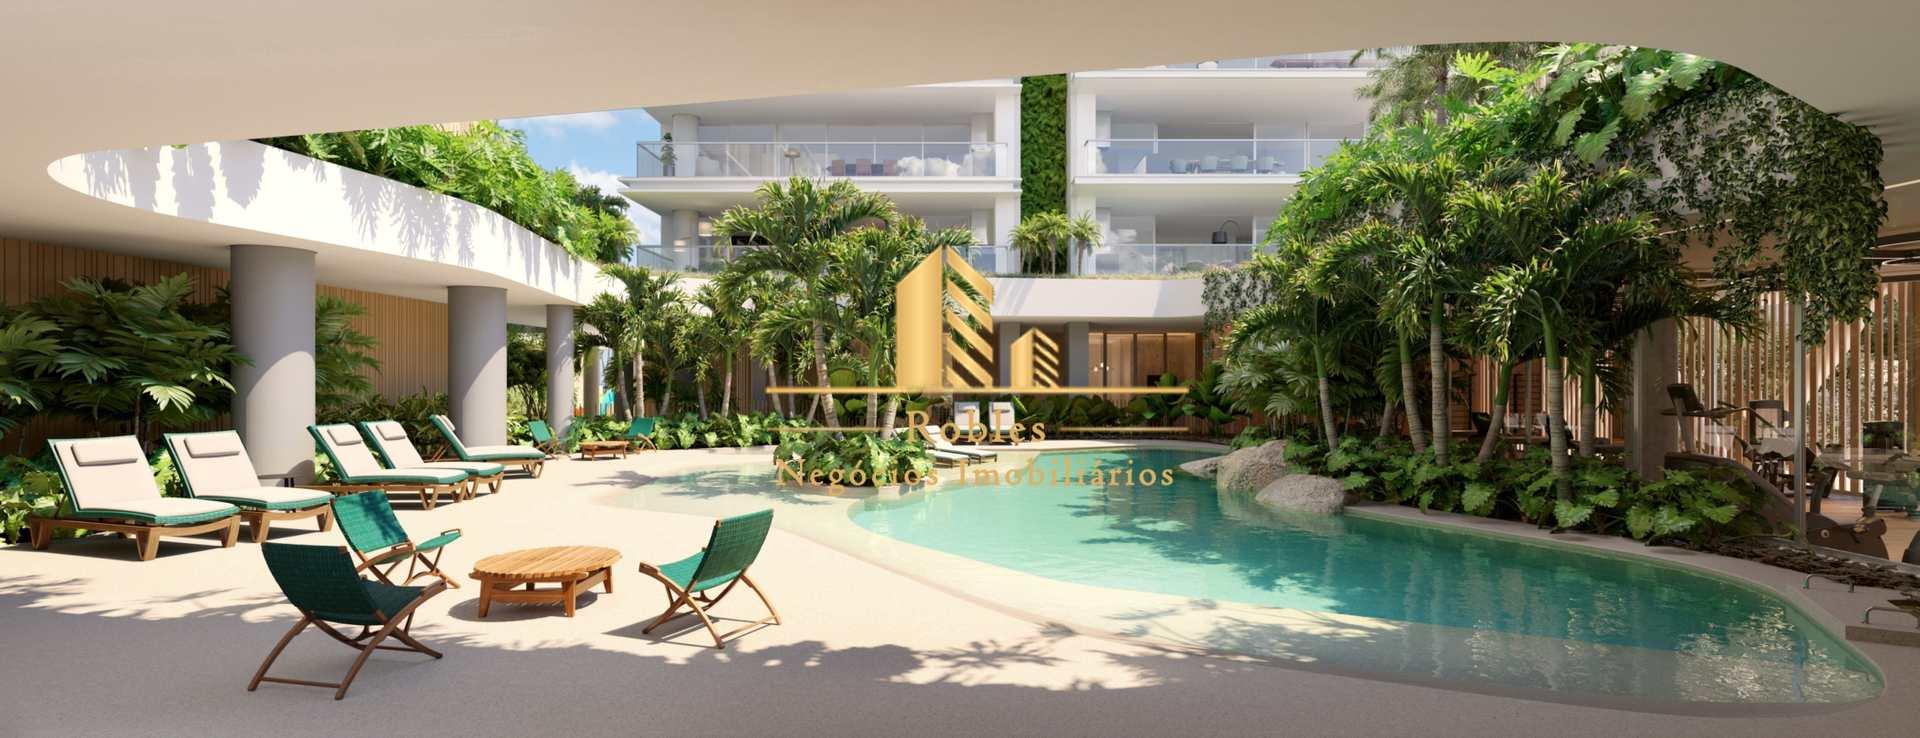 Apartamento com 3 dorms, Moema, São Paulo - R$ 5.37 mi, Cod: 1141